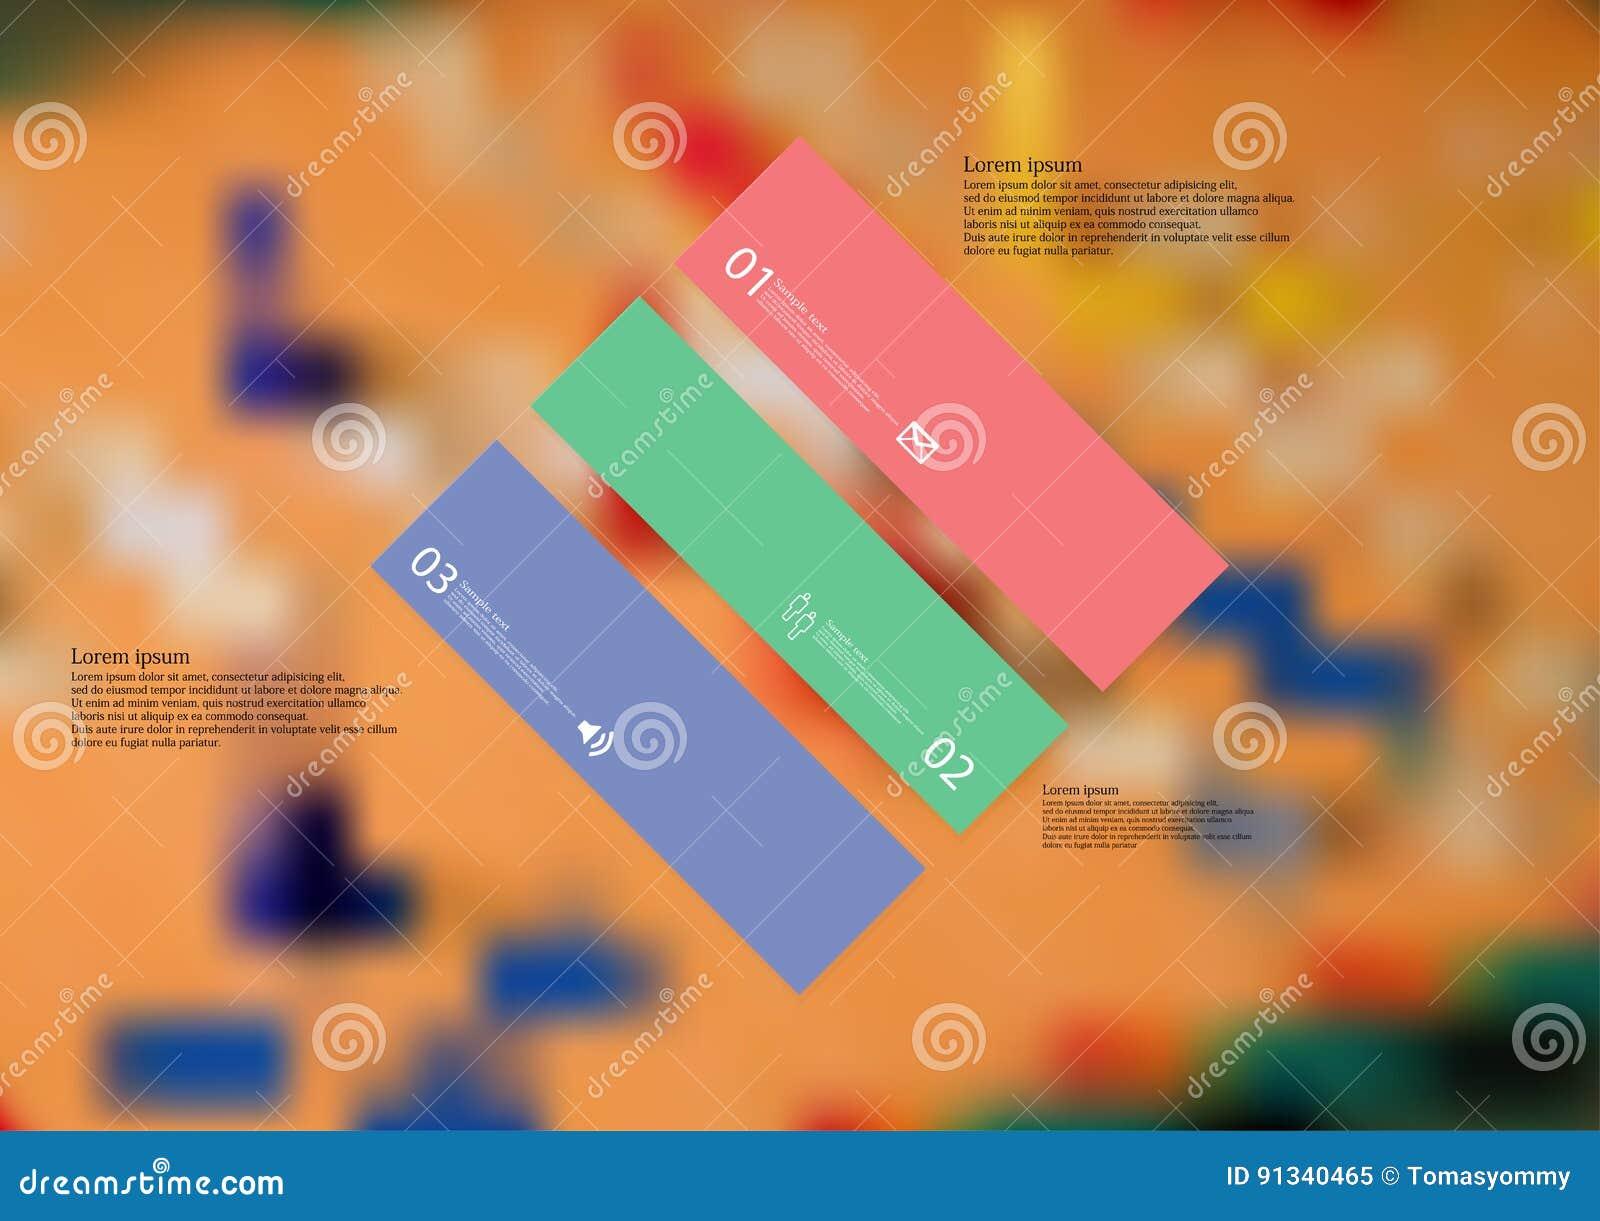 Infographic Schablone der Illustration mit Rautenschiefwinkligem geteilt zu drei allein stehenden Farbteilen